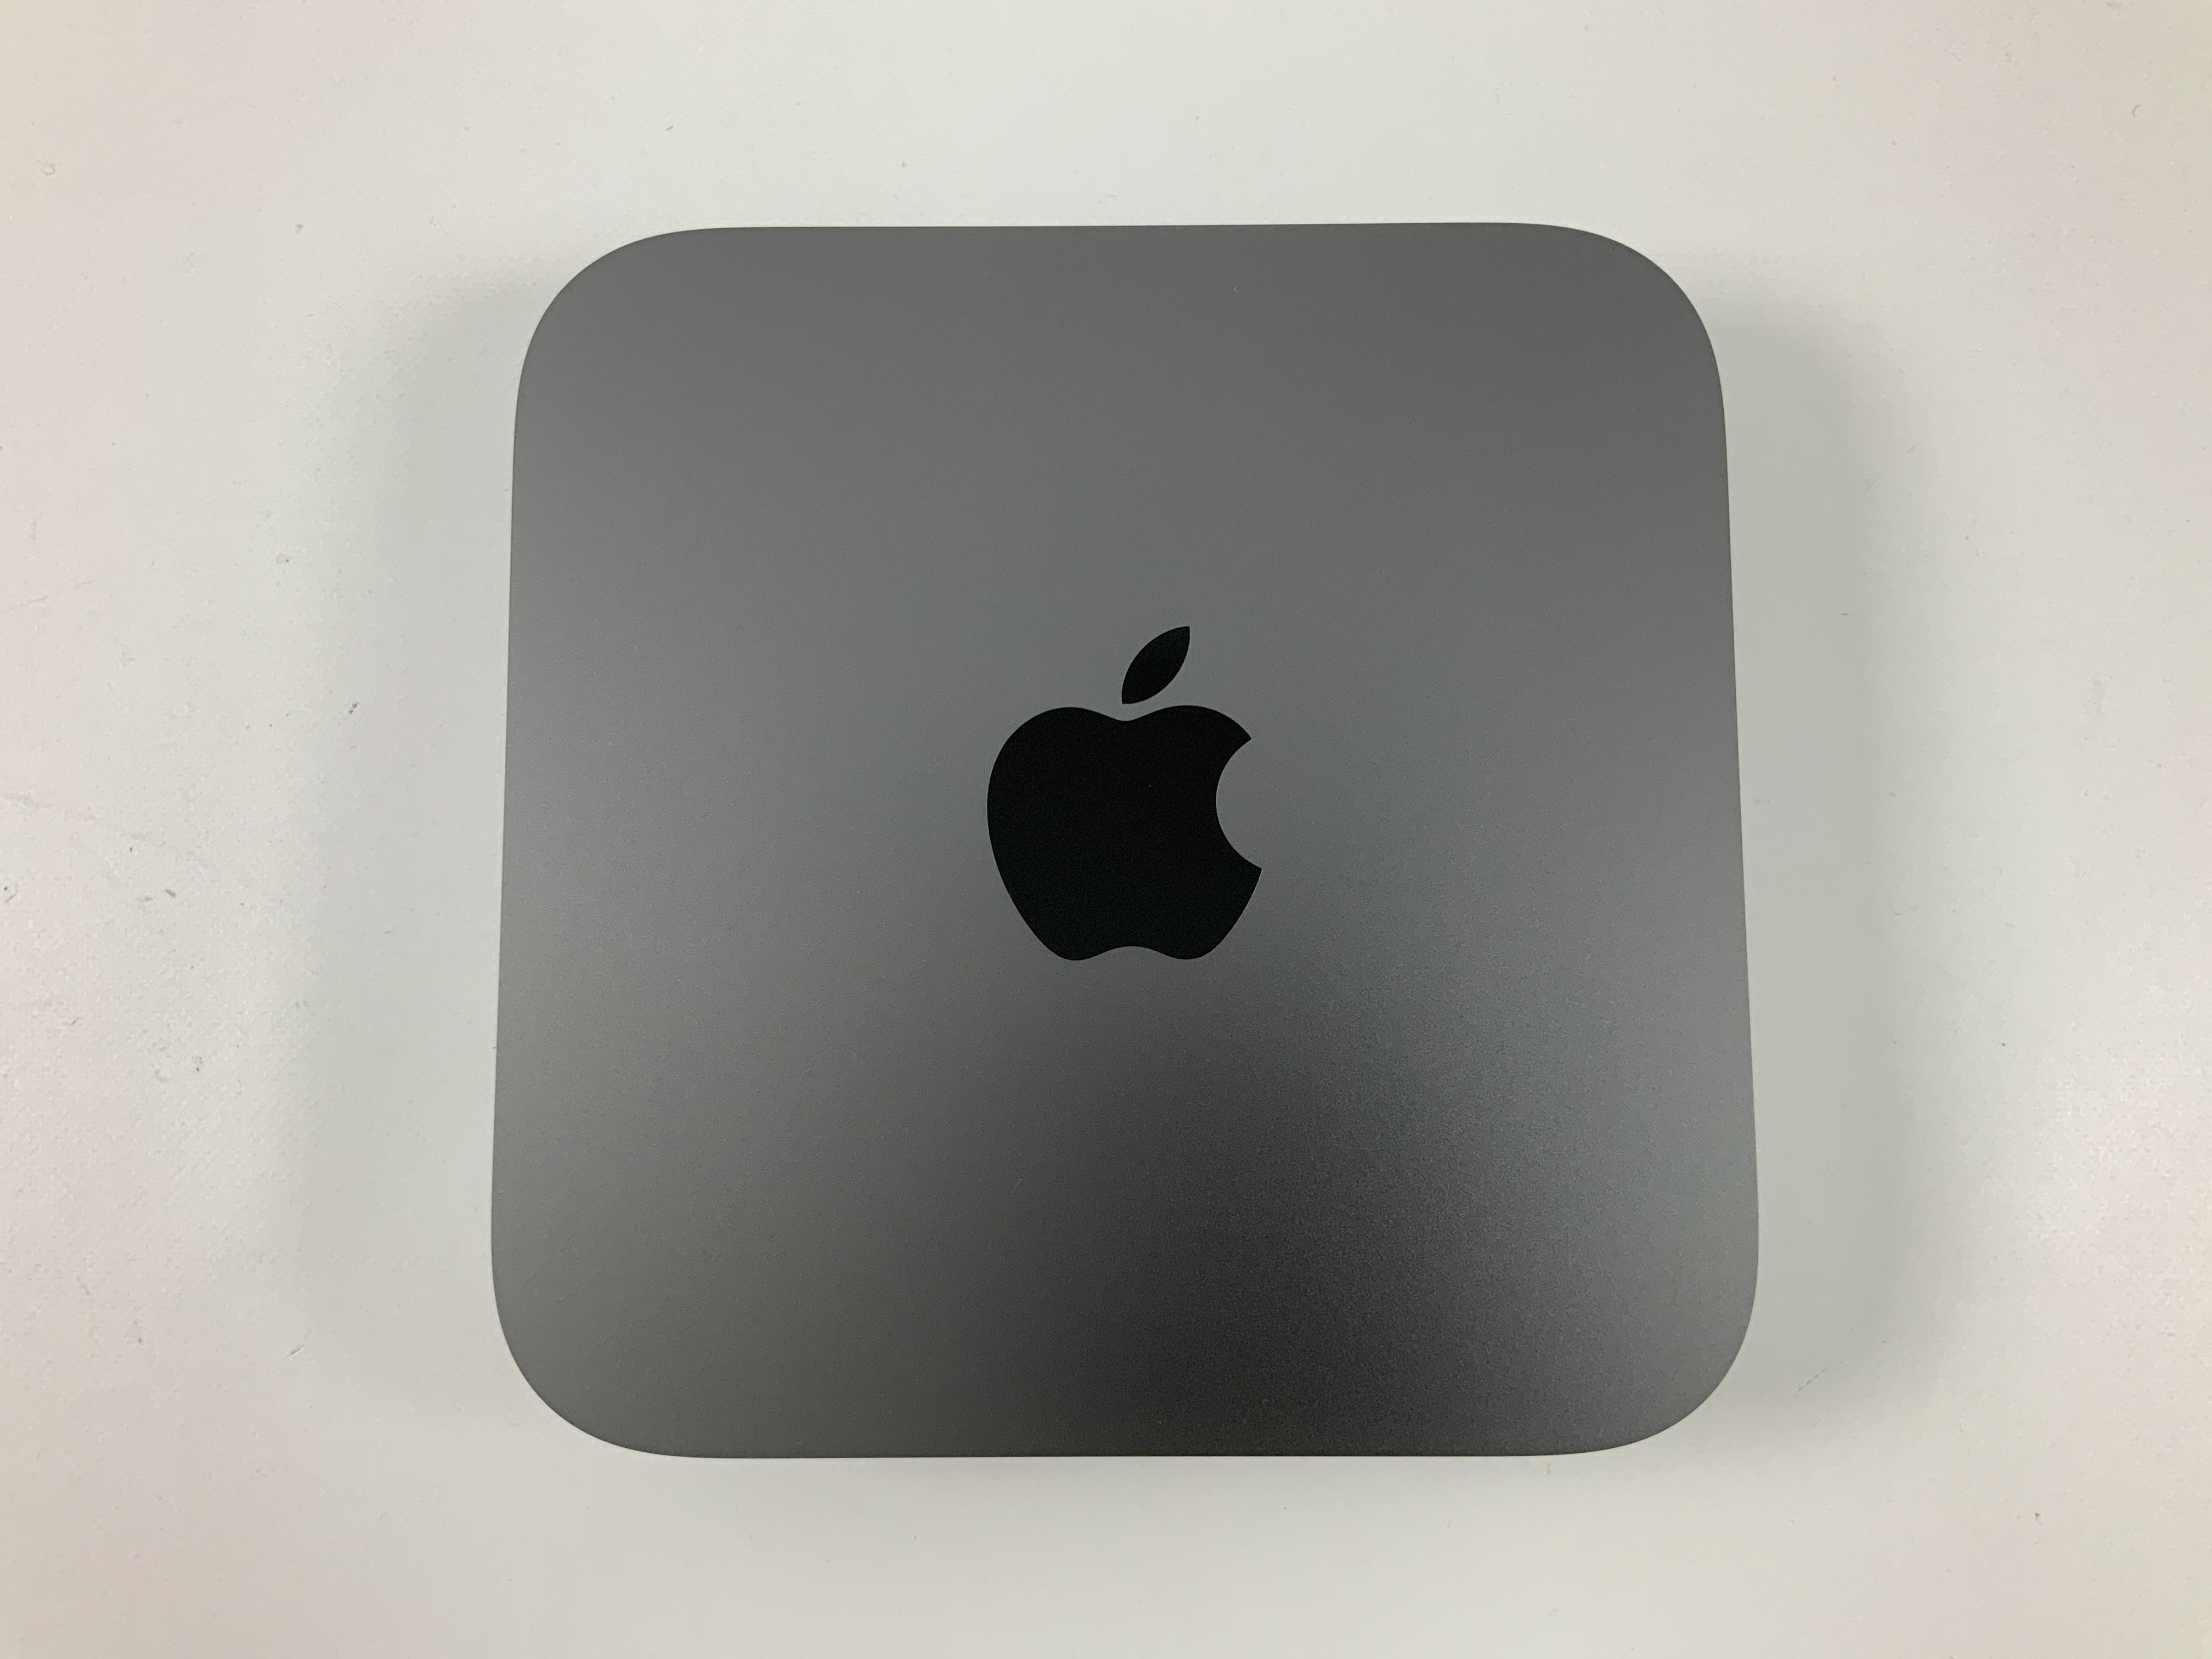 Mac Mini Late 2018 (Intel 6-Core i5 3.0 GHz 32 GB RAM 256 GB SSD), Intel 6-Core i5 3.0 GHz, 32 GB RAM, 256 GB SSD, imagen 1